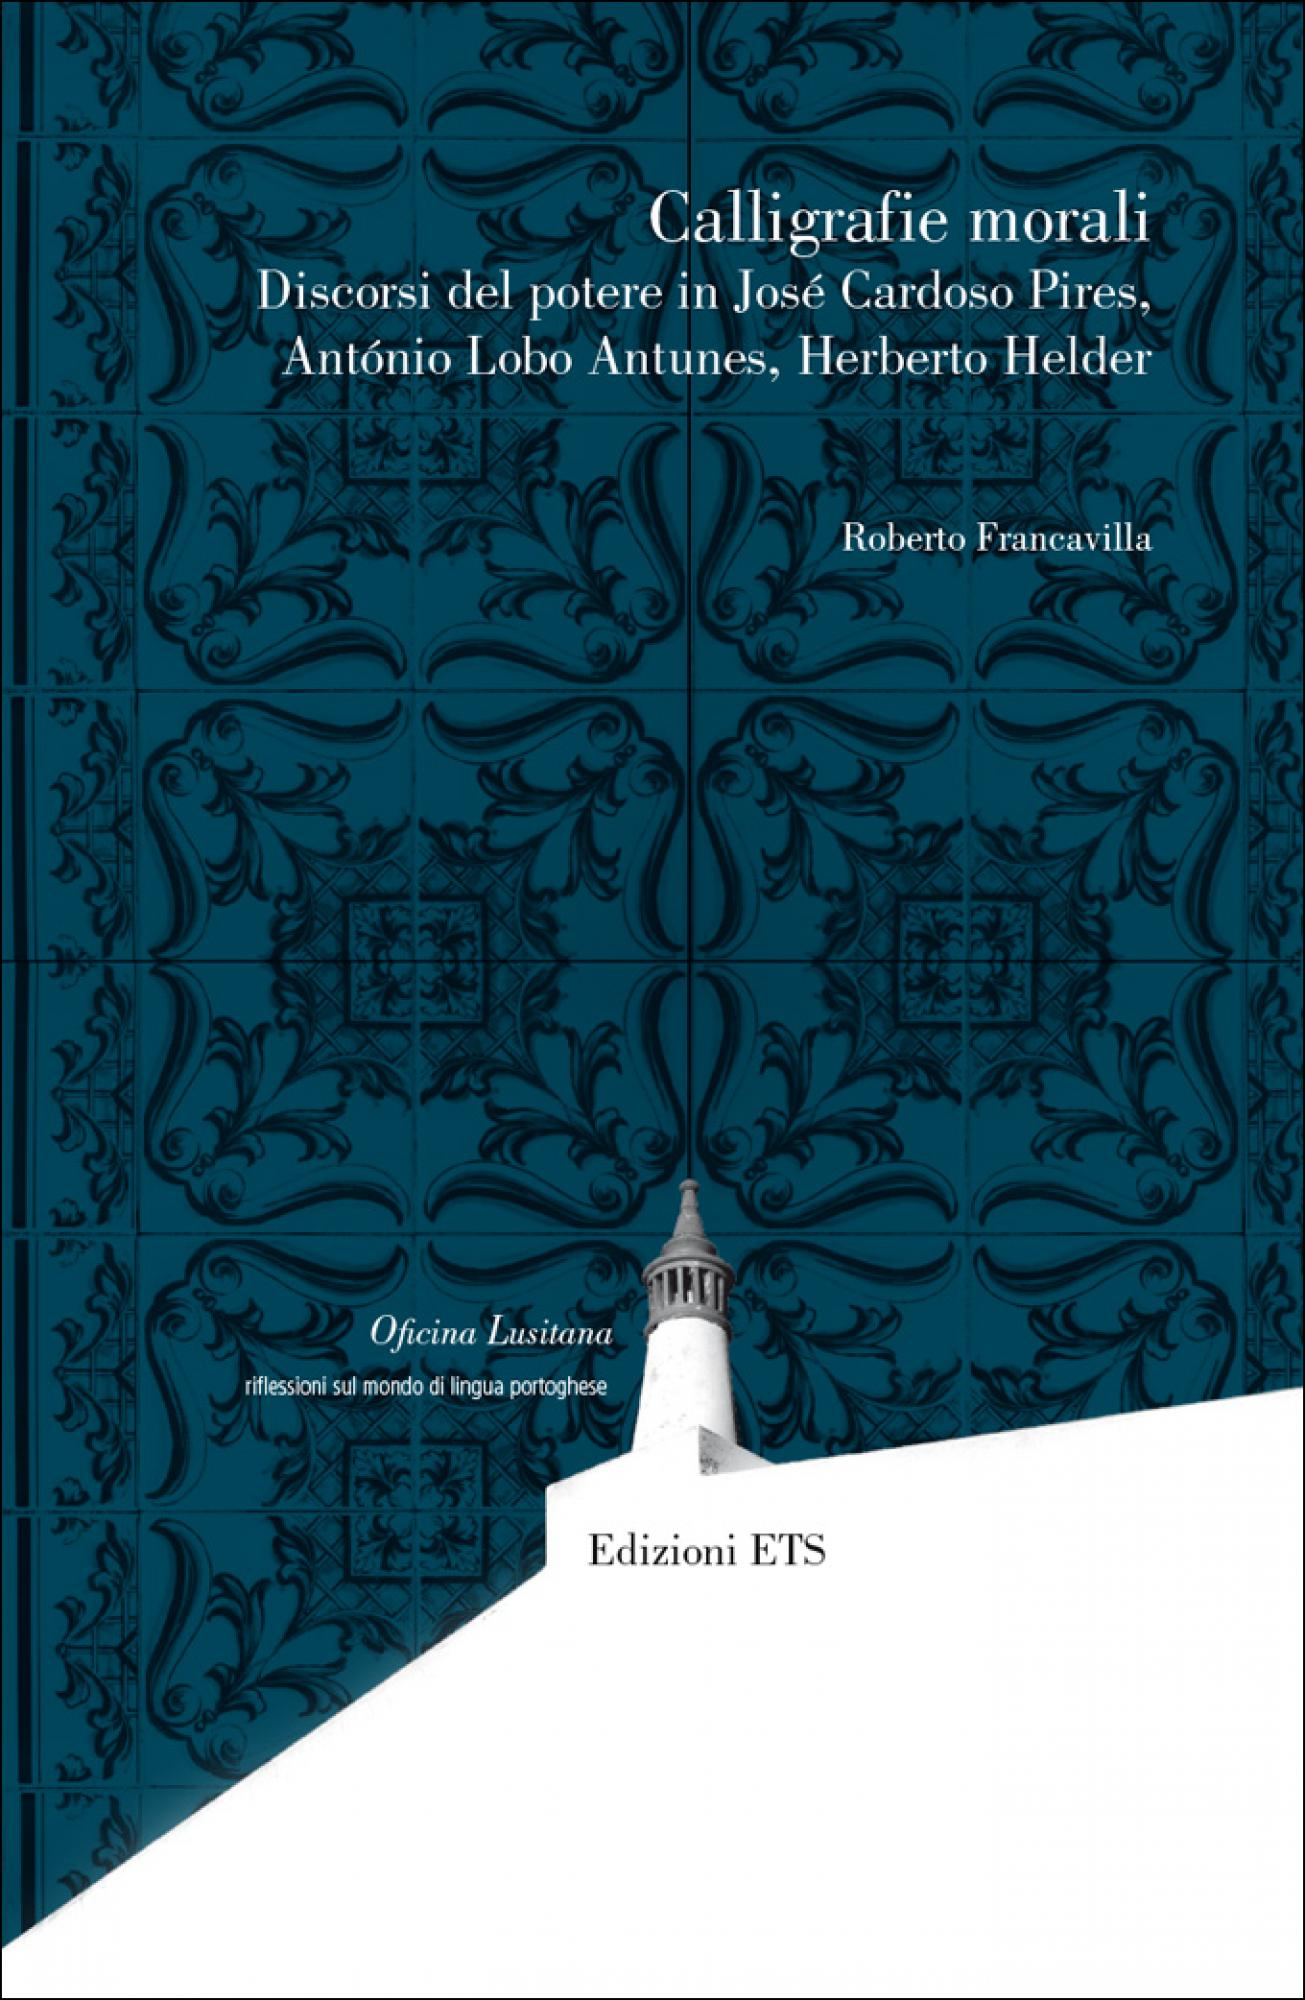 Calligrafie morali.Discorsi del potere in José Cardoso Pires, António Lobo Antunes, Herberto Helder